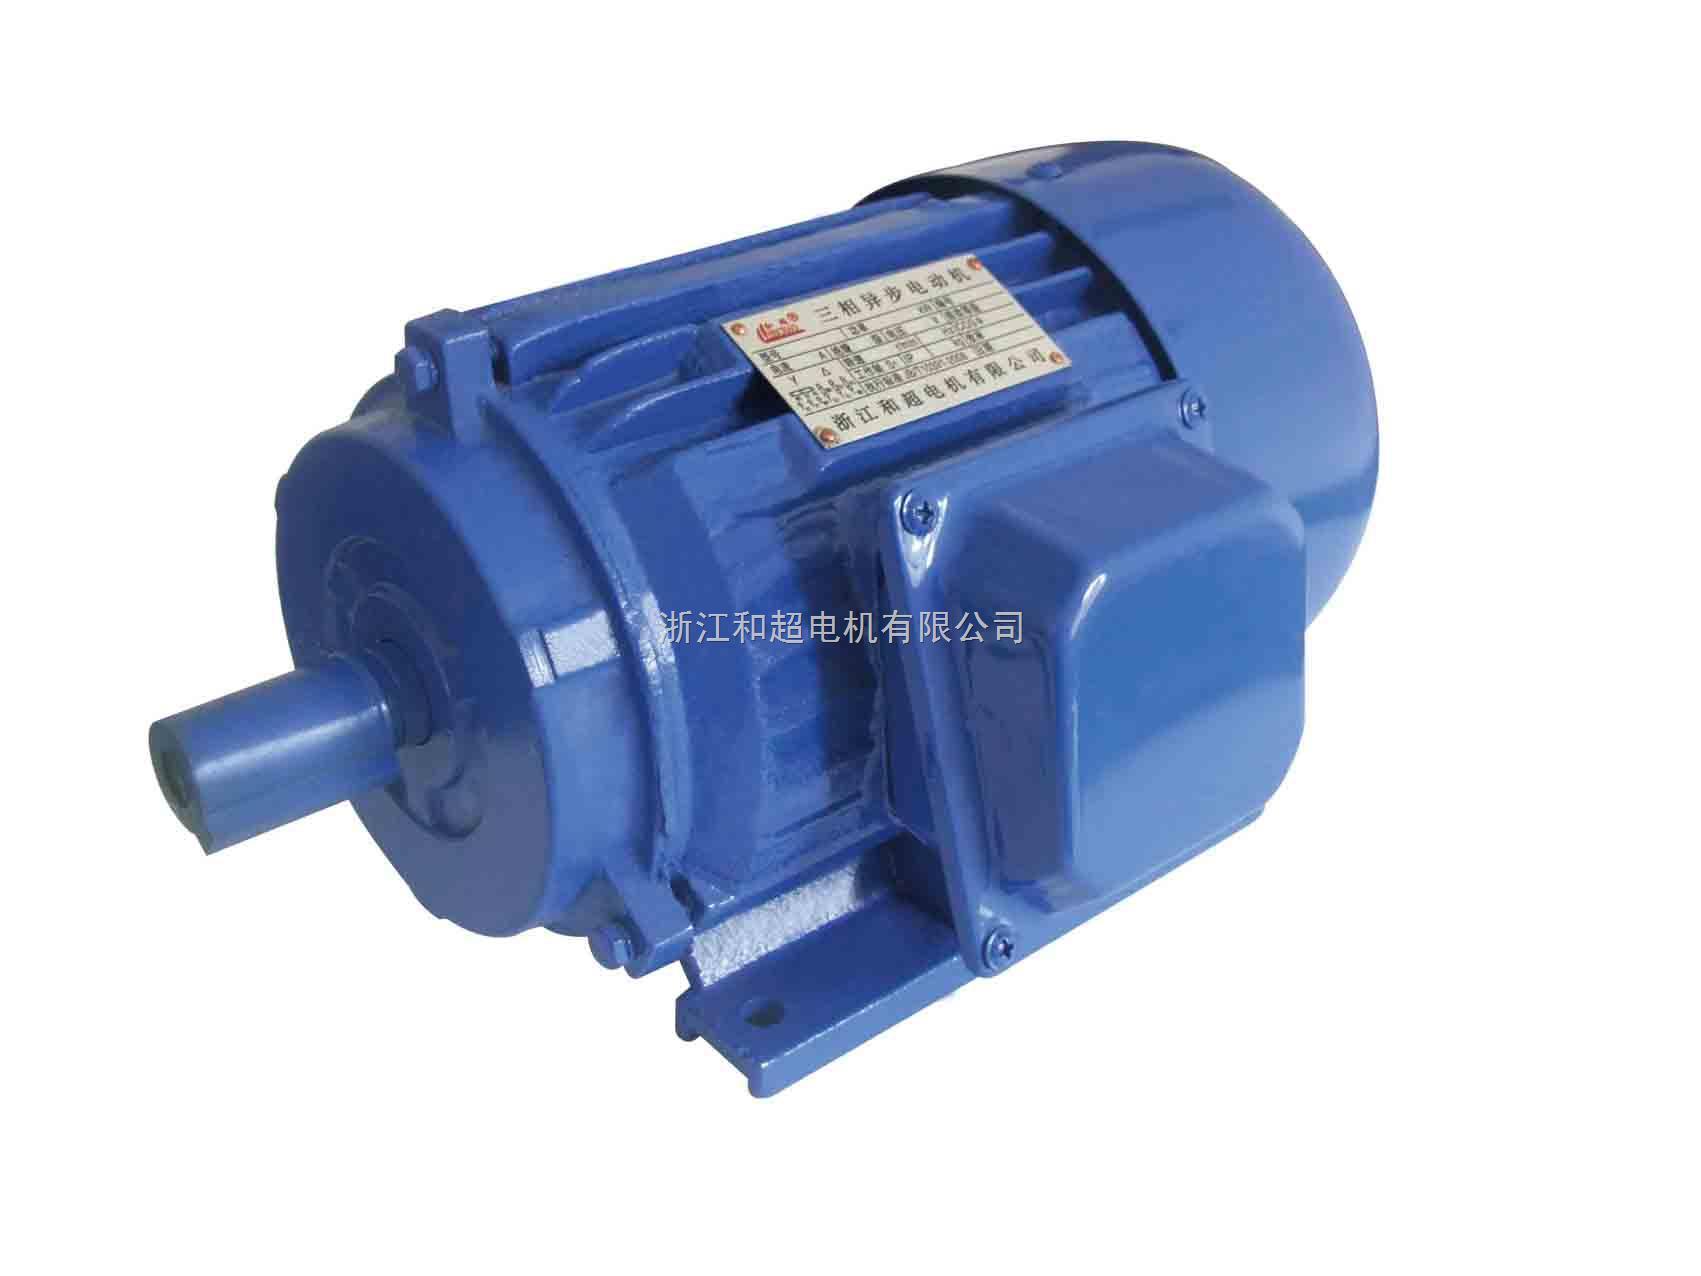 空压机专用三相电机 气泵电机